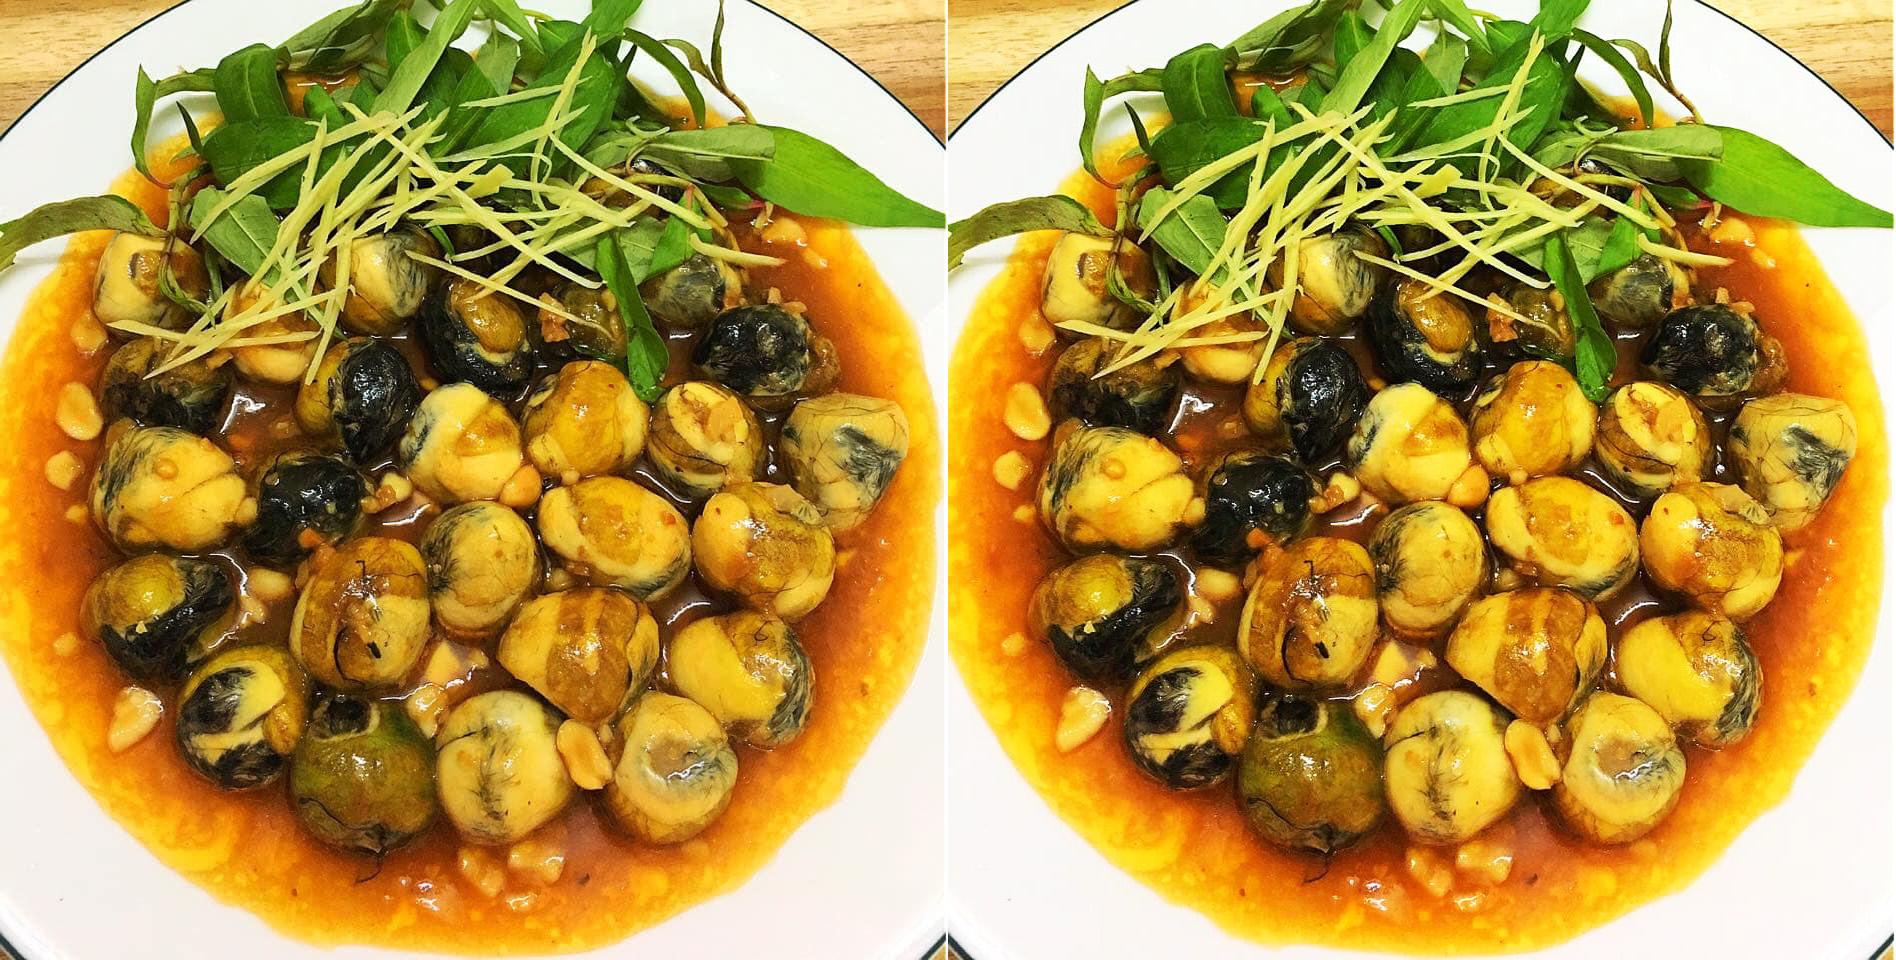 Công thức cút lộn xào me chua cay ăn cực ngon lại rất dễ làm